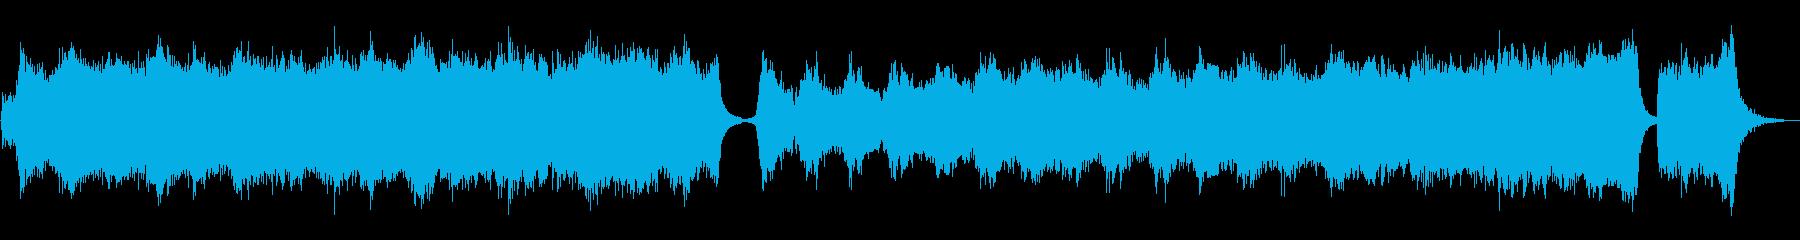 Epicオーケストラ01洋画・海外ドラマの再生済みの波形